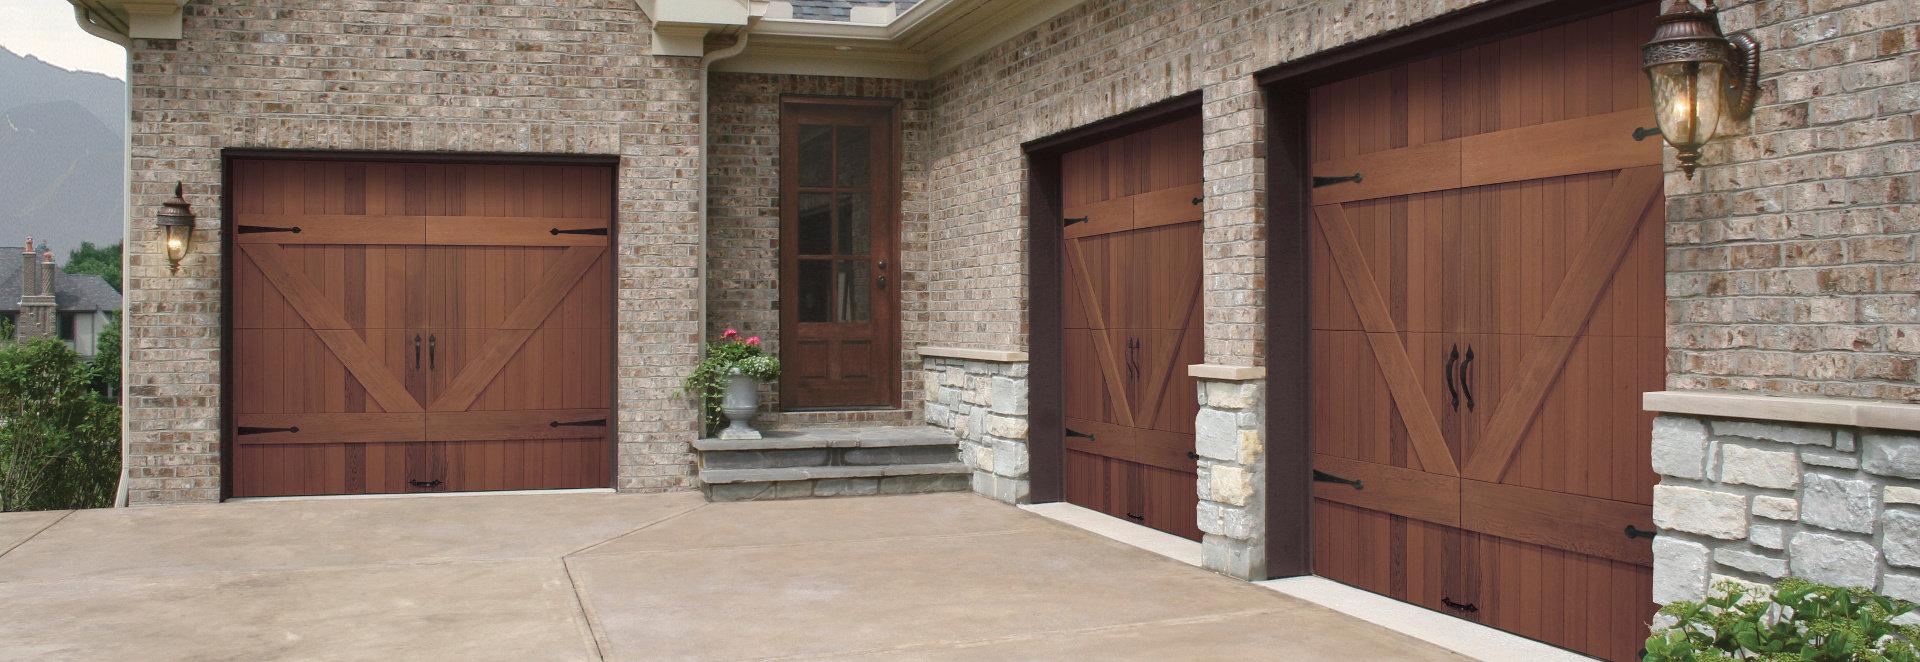 911 Garage Door Repair Chicago, IL | Garage Doors Experts